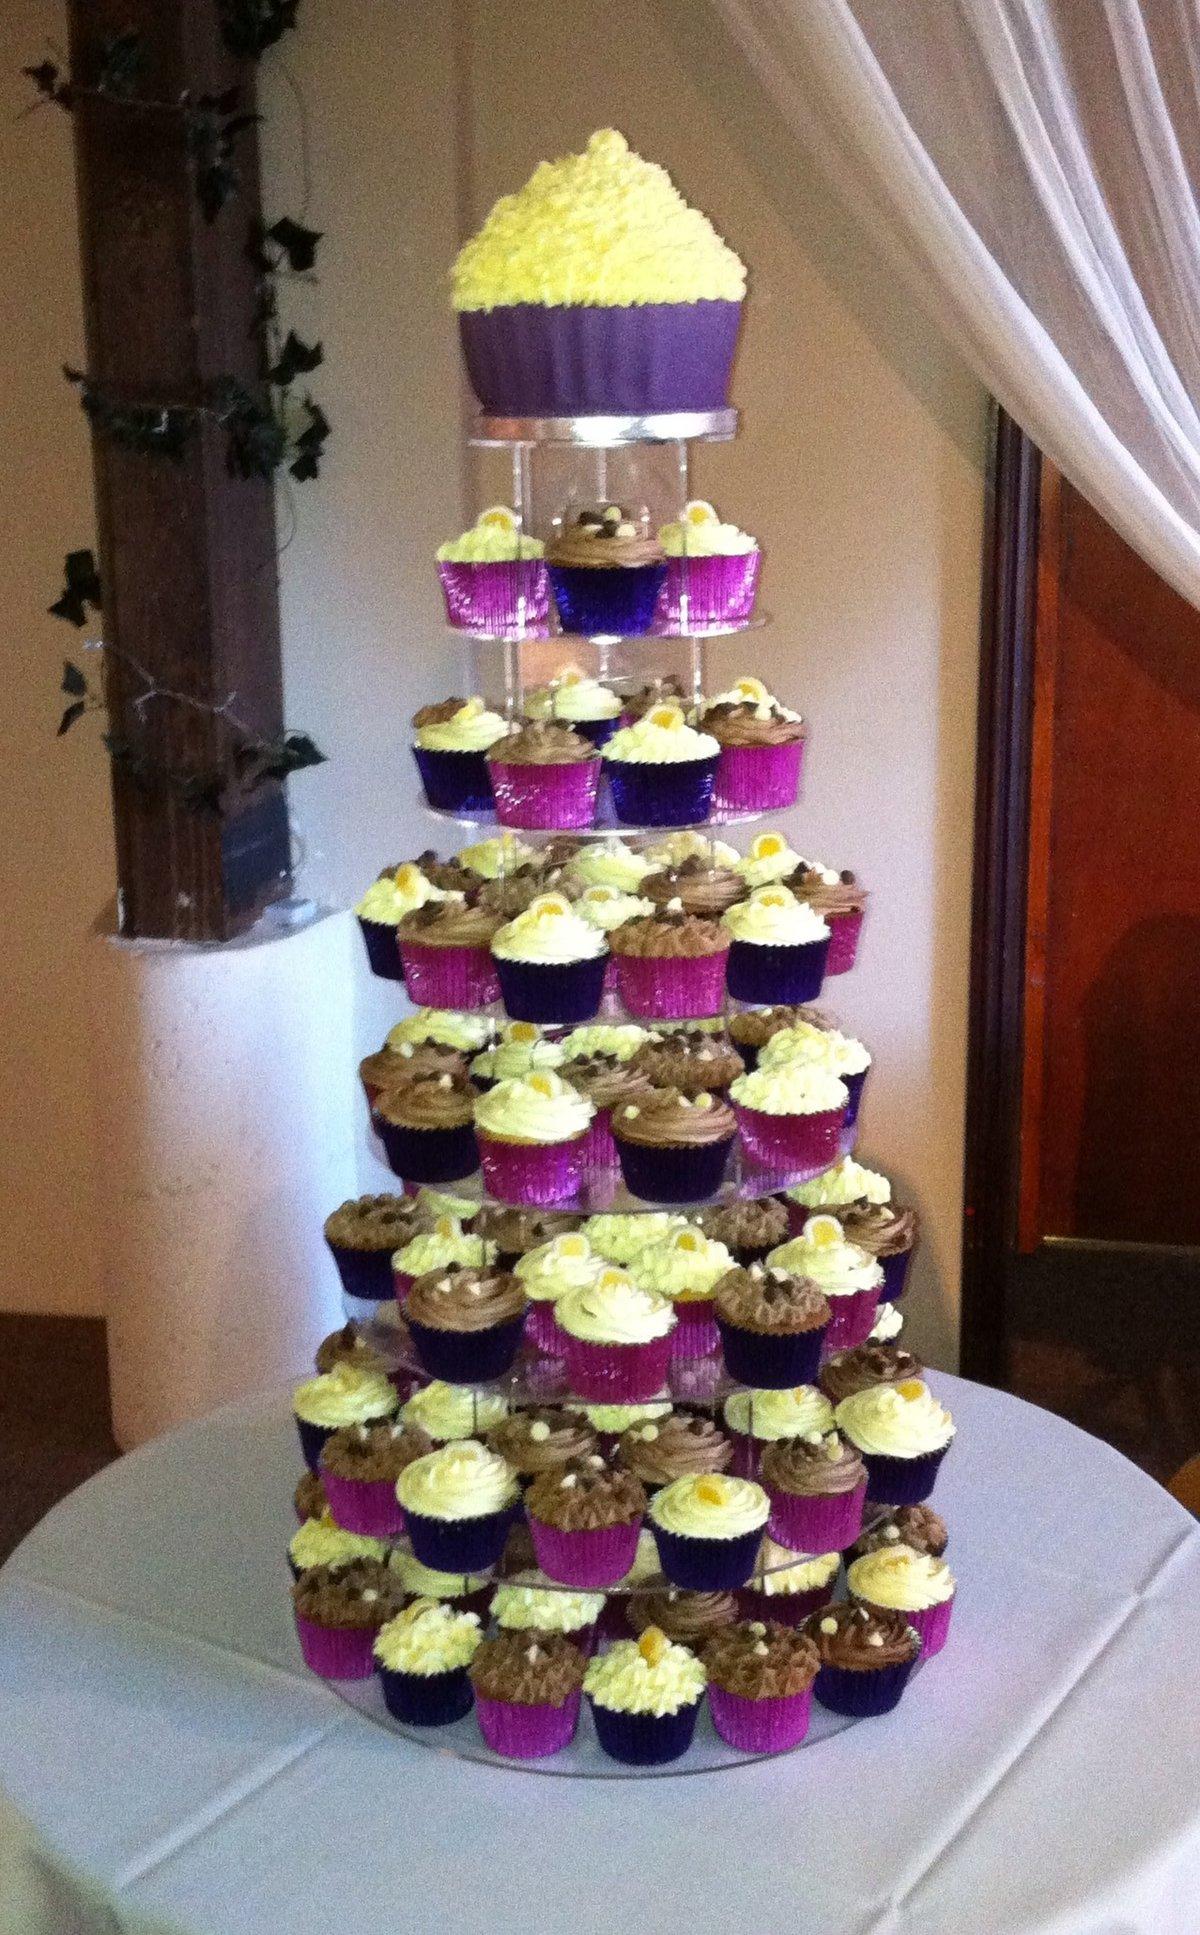 фото свадебные пирожные вместо торта рецепты с фото тщательно обрабатывает фотоснимок